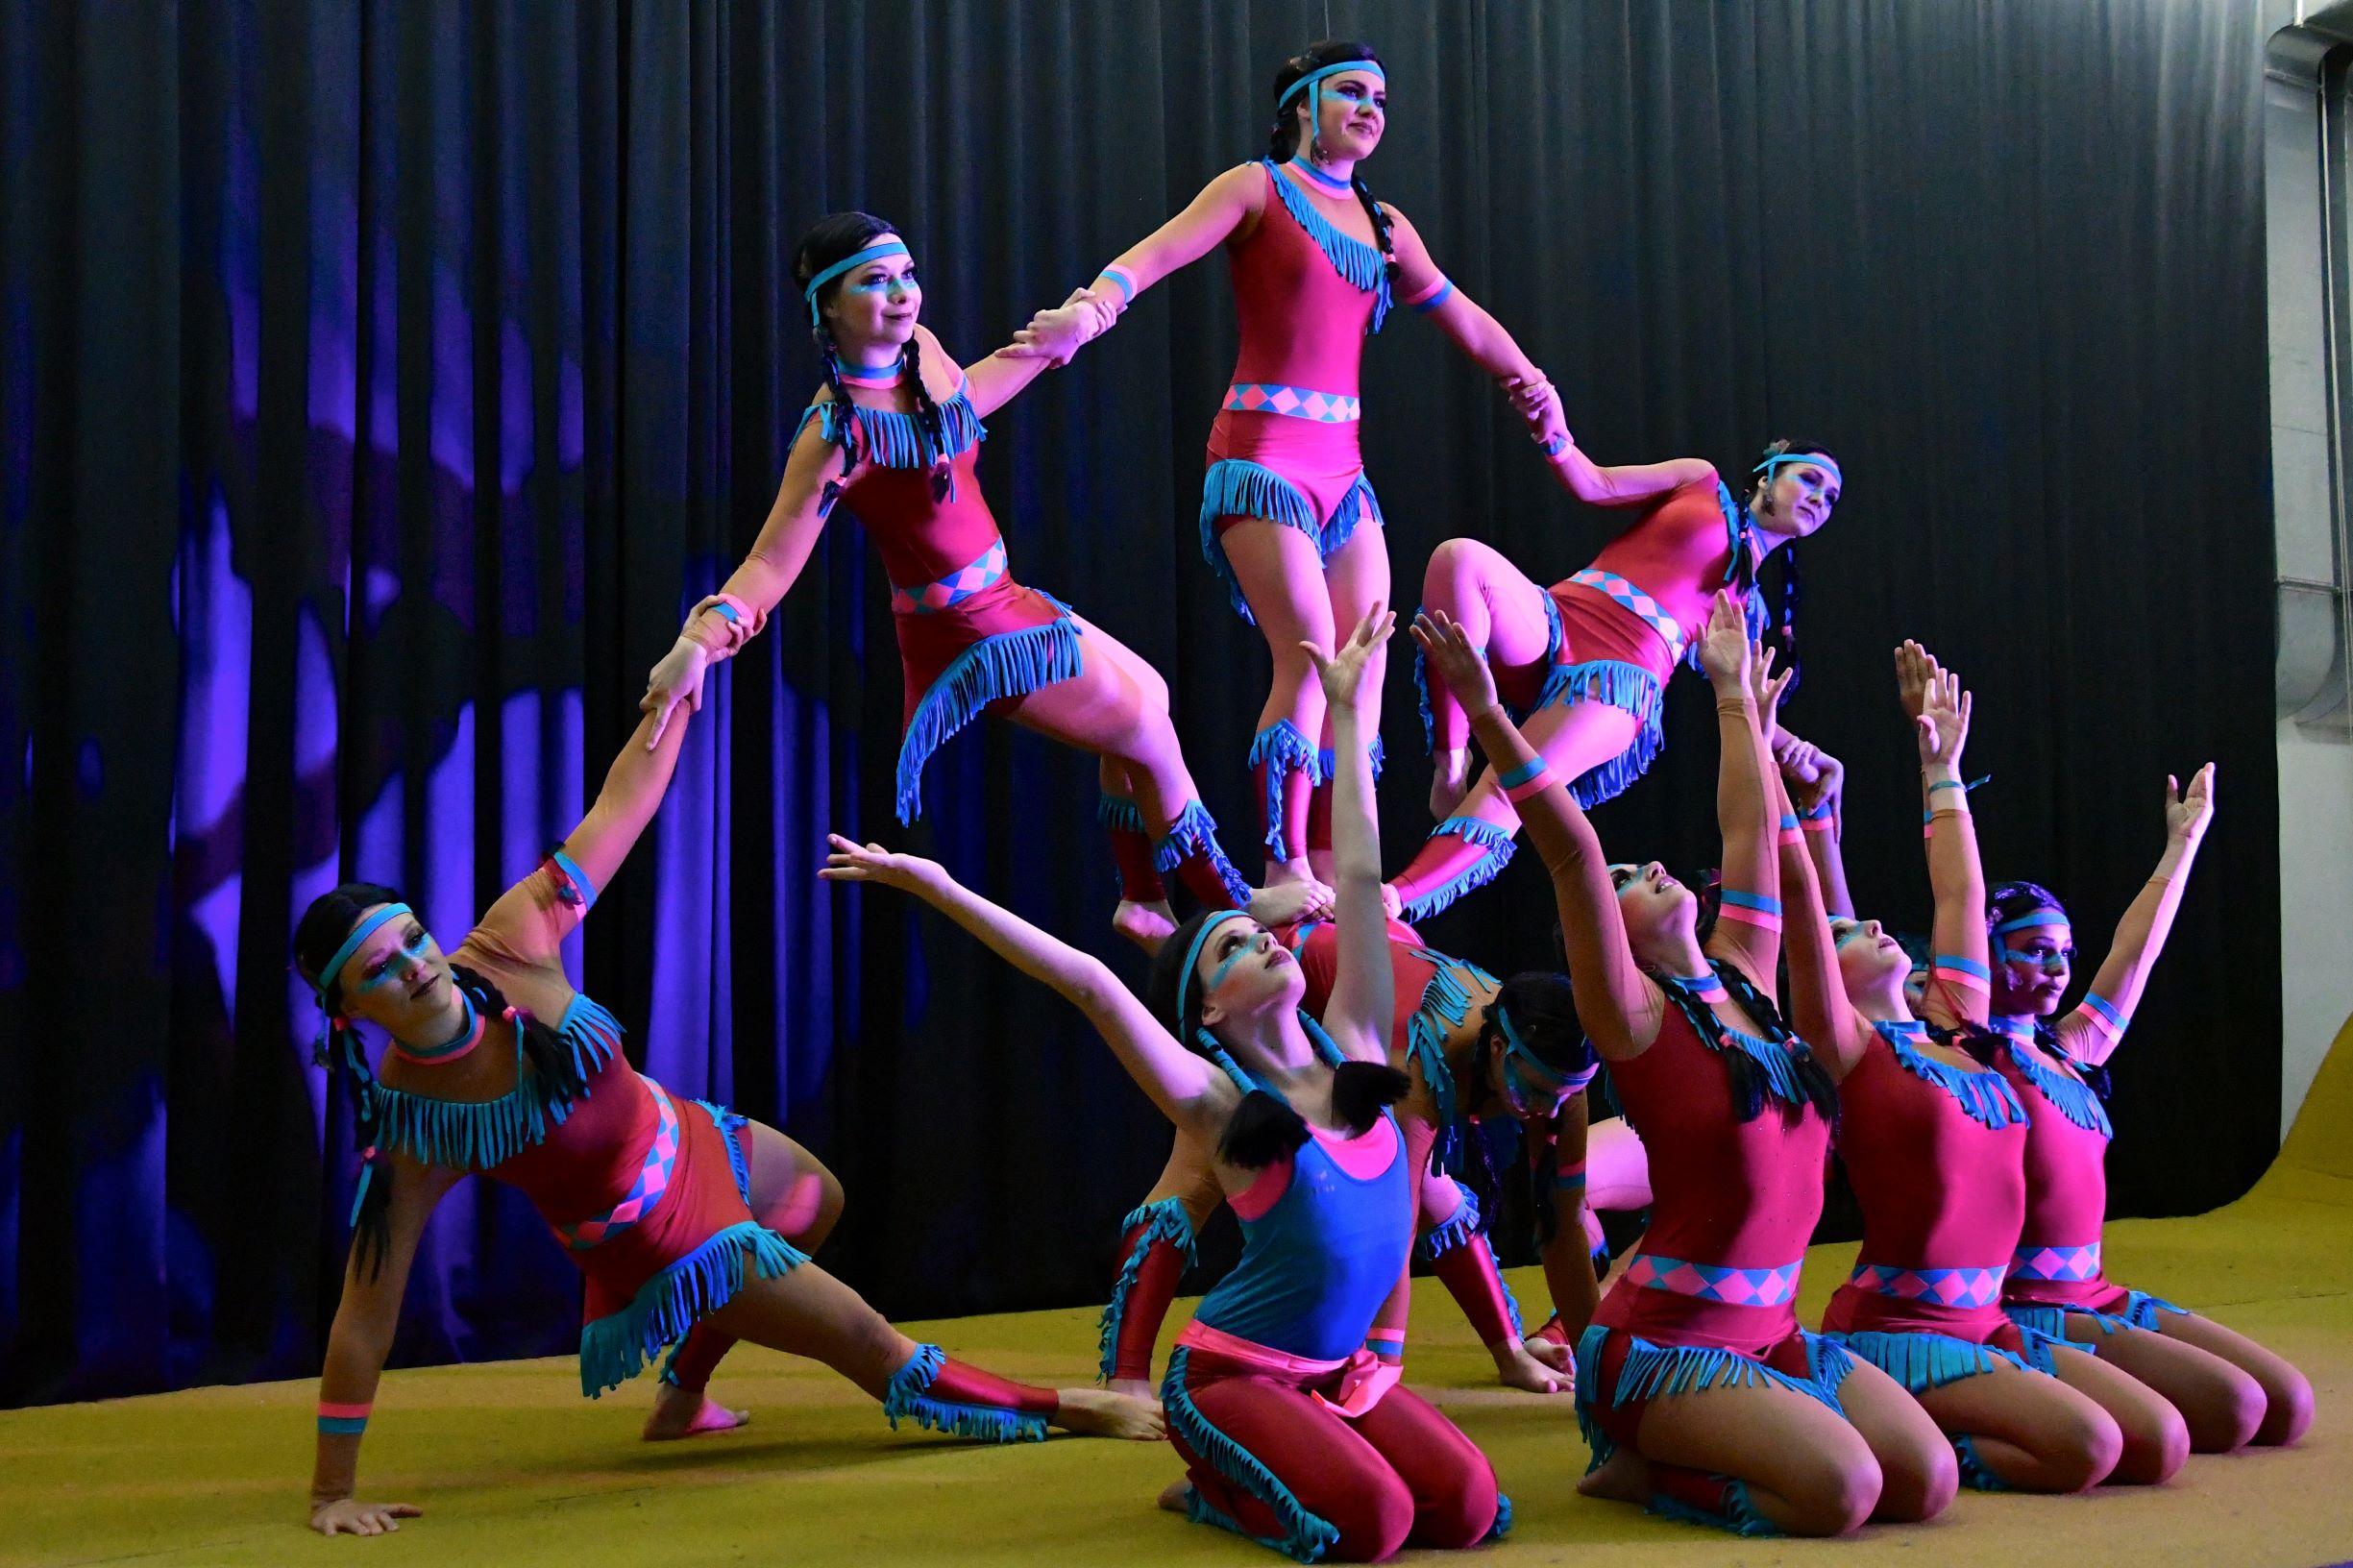 """Ein besonderes Highlight war die Akrobatikeinlage der Gruppe """"Cristallica"""""""